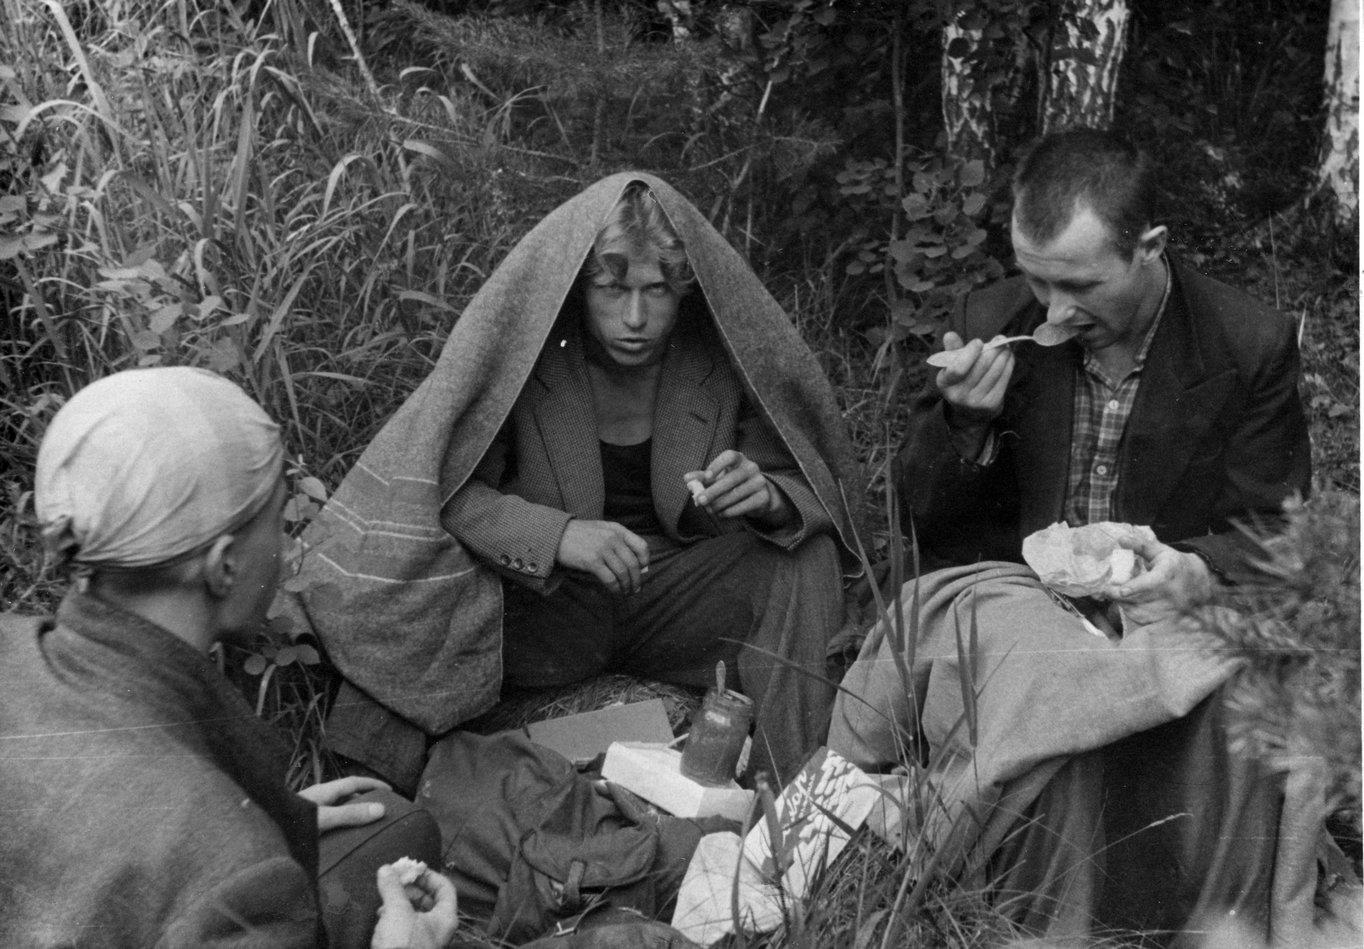 Отвратительный завтрак на берегу реки Теча в Ильменском заповеднике, когда комары поедали нас. Саша Егоров даже накрылся одеялом, чтобы спастись от их нашествия. Я — справа (фото впервые опубликовано в «Очень личной книге» В. Сойфера, 2011, стр. 269)